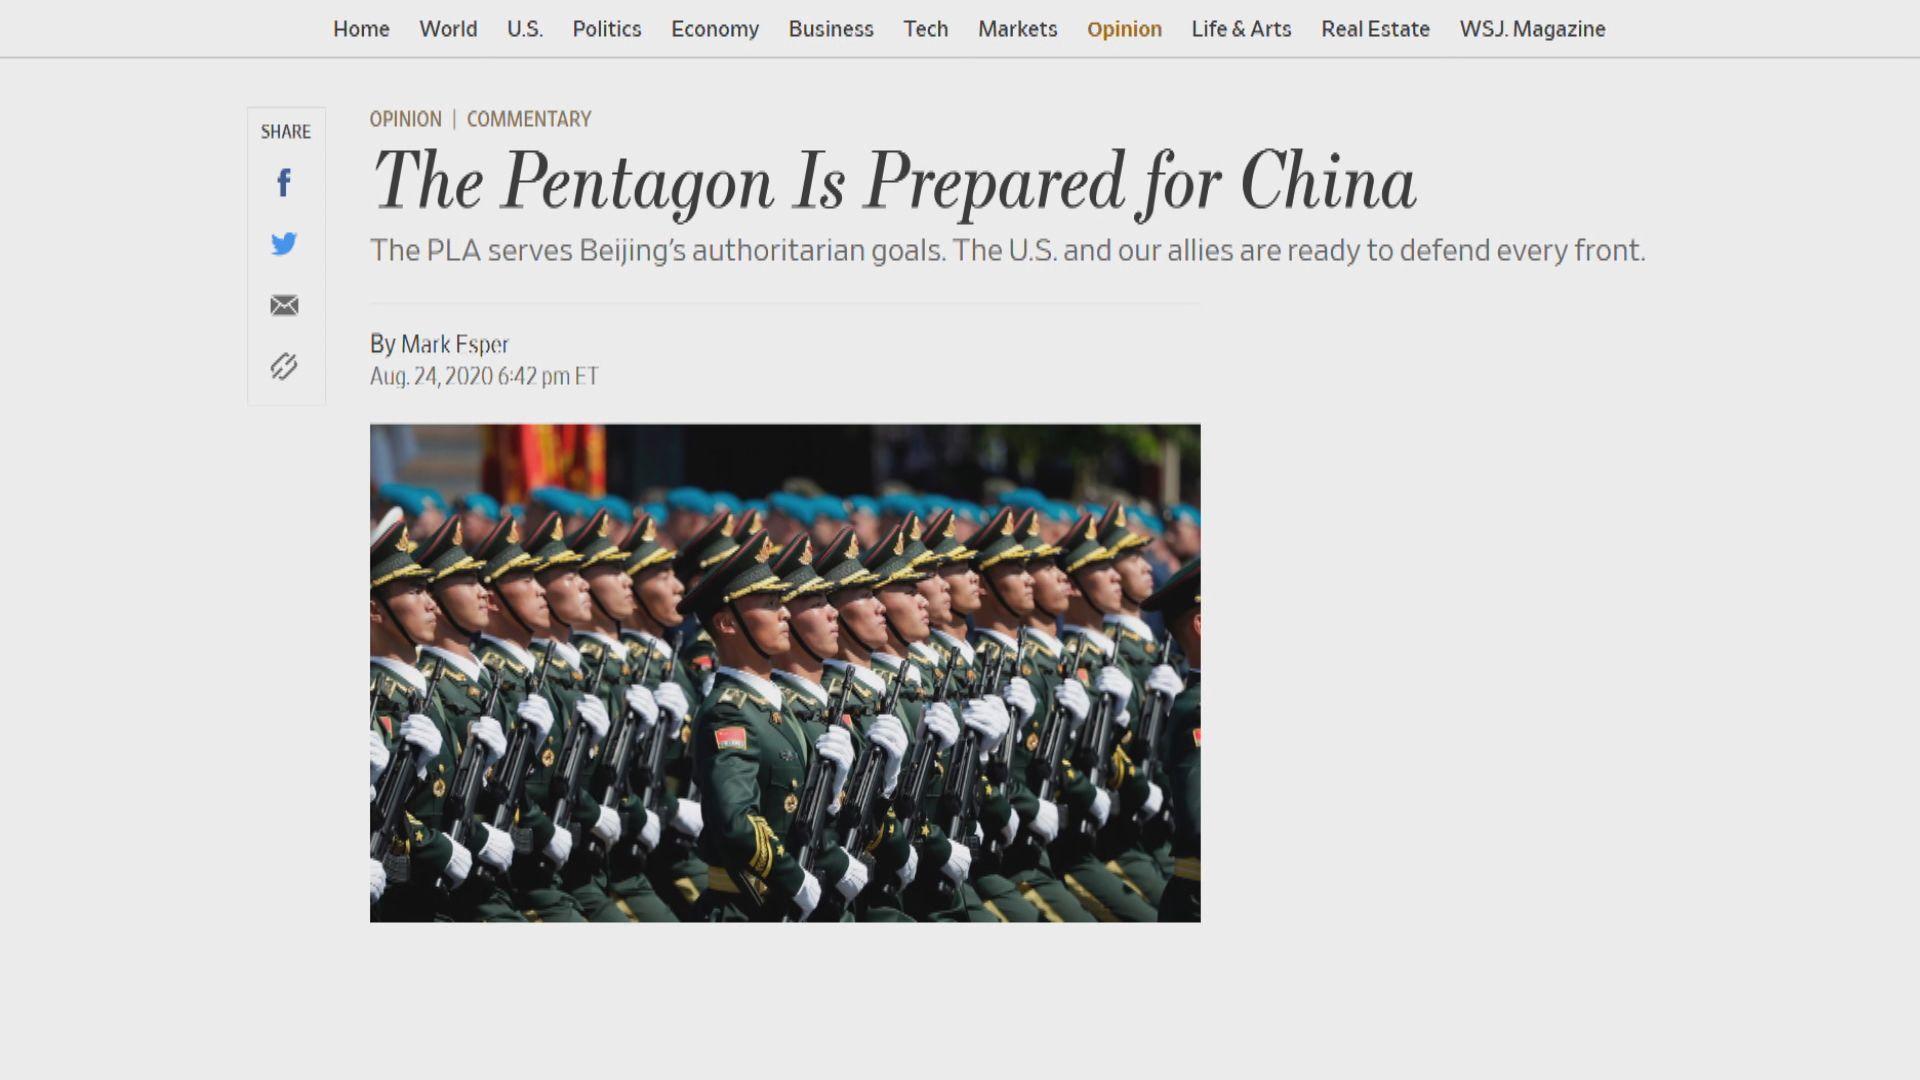 美國防部長撰文談中國軍事威脅 外交部:中國奉行防禦國防政策